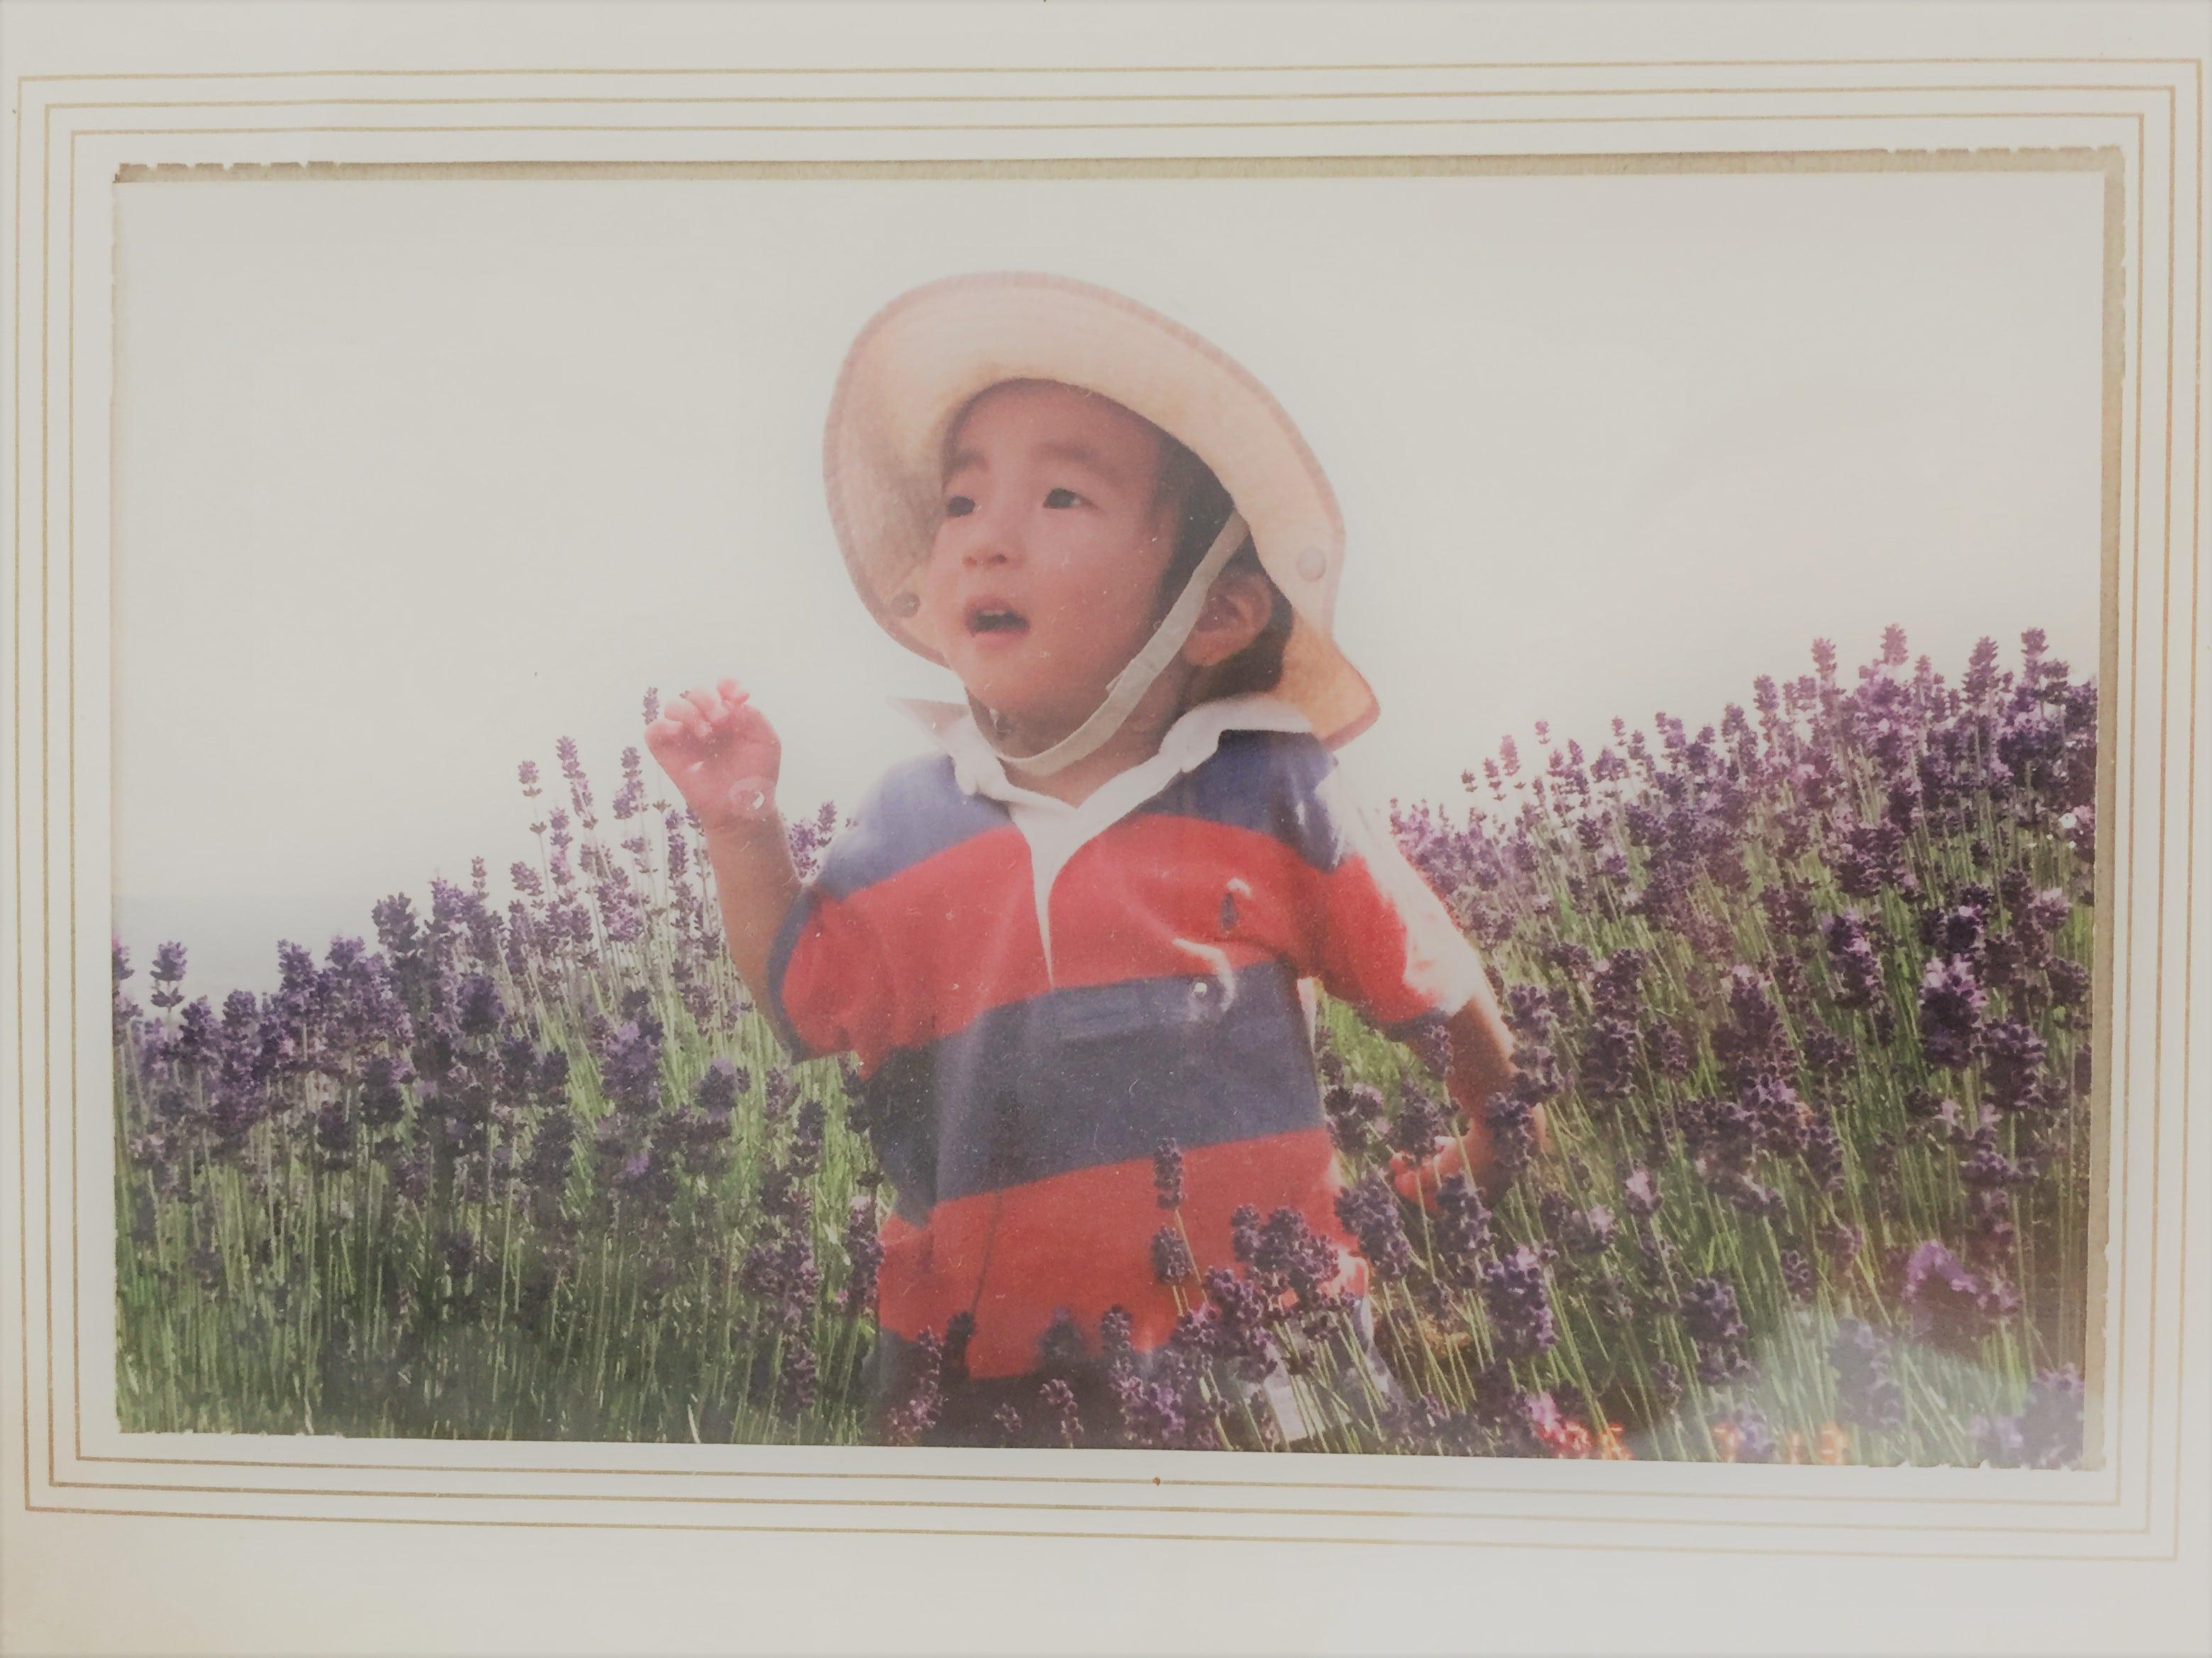 『白いラベンダー』の存在を初めて知りました。秋田県美郷町だけではなく富良野でも見られるようです。